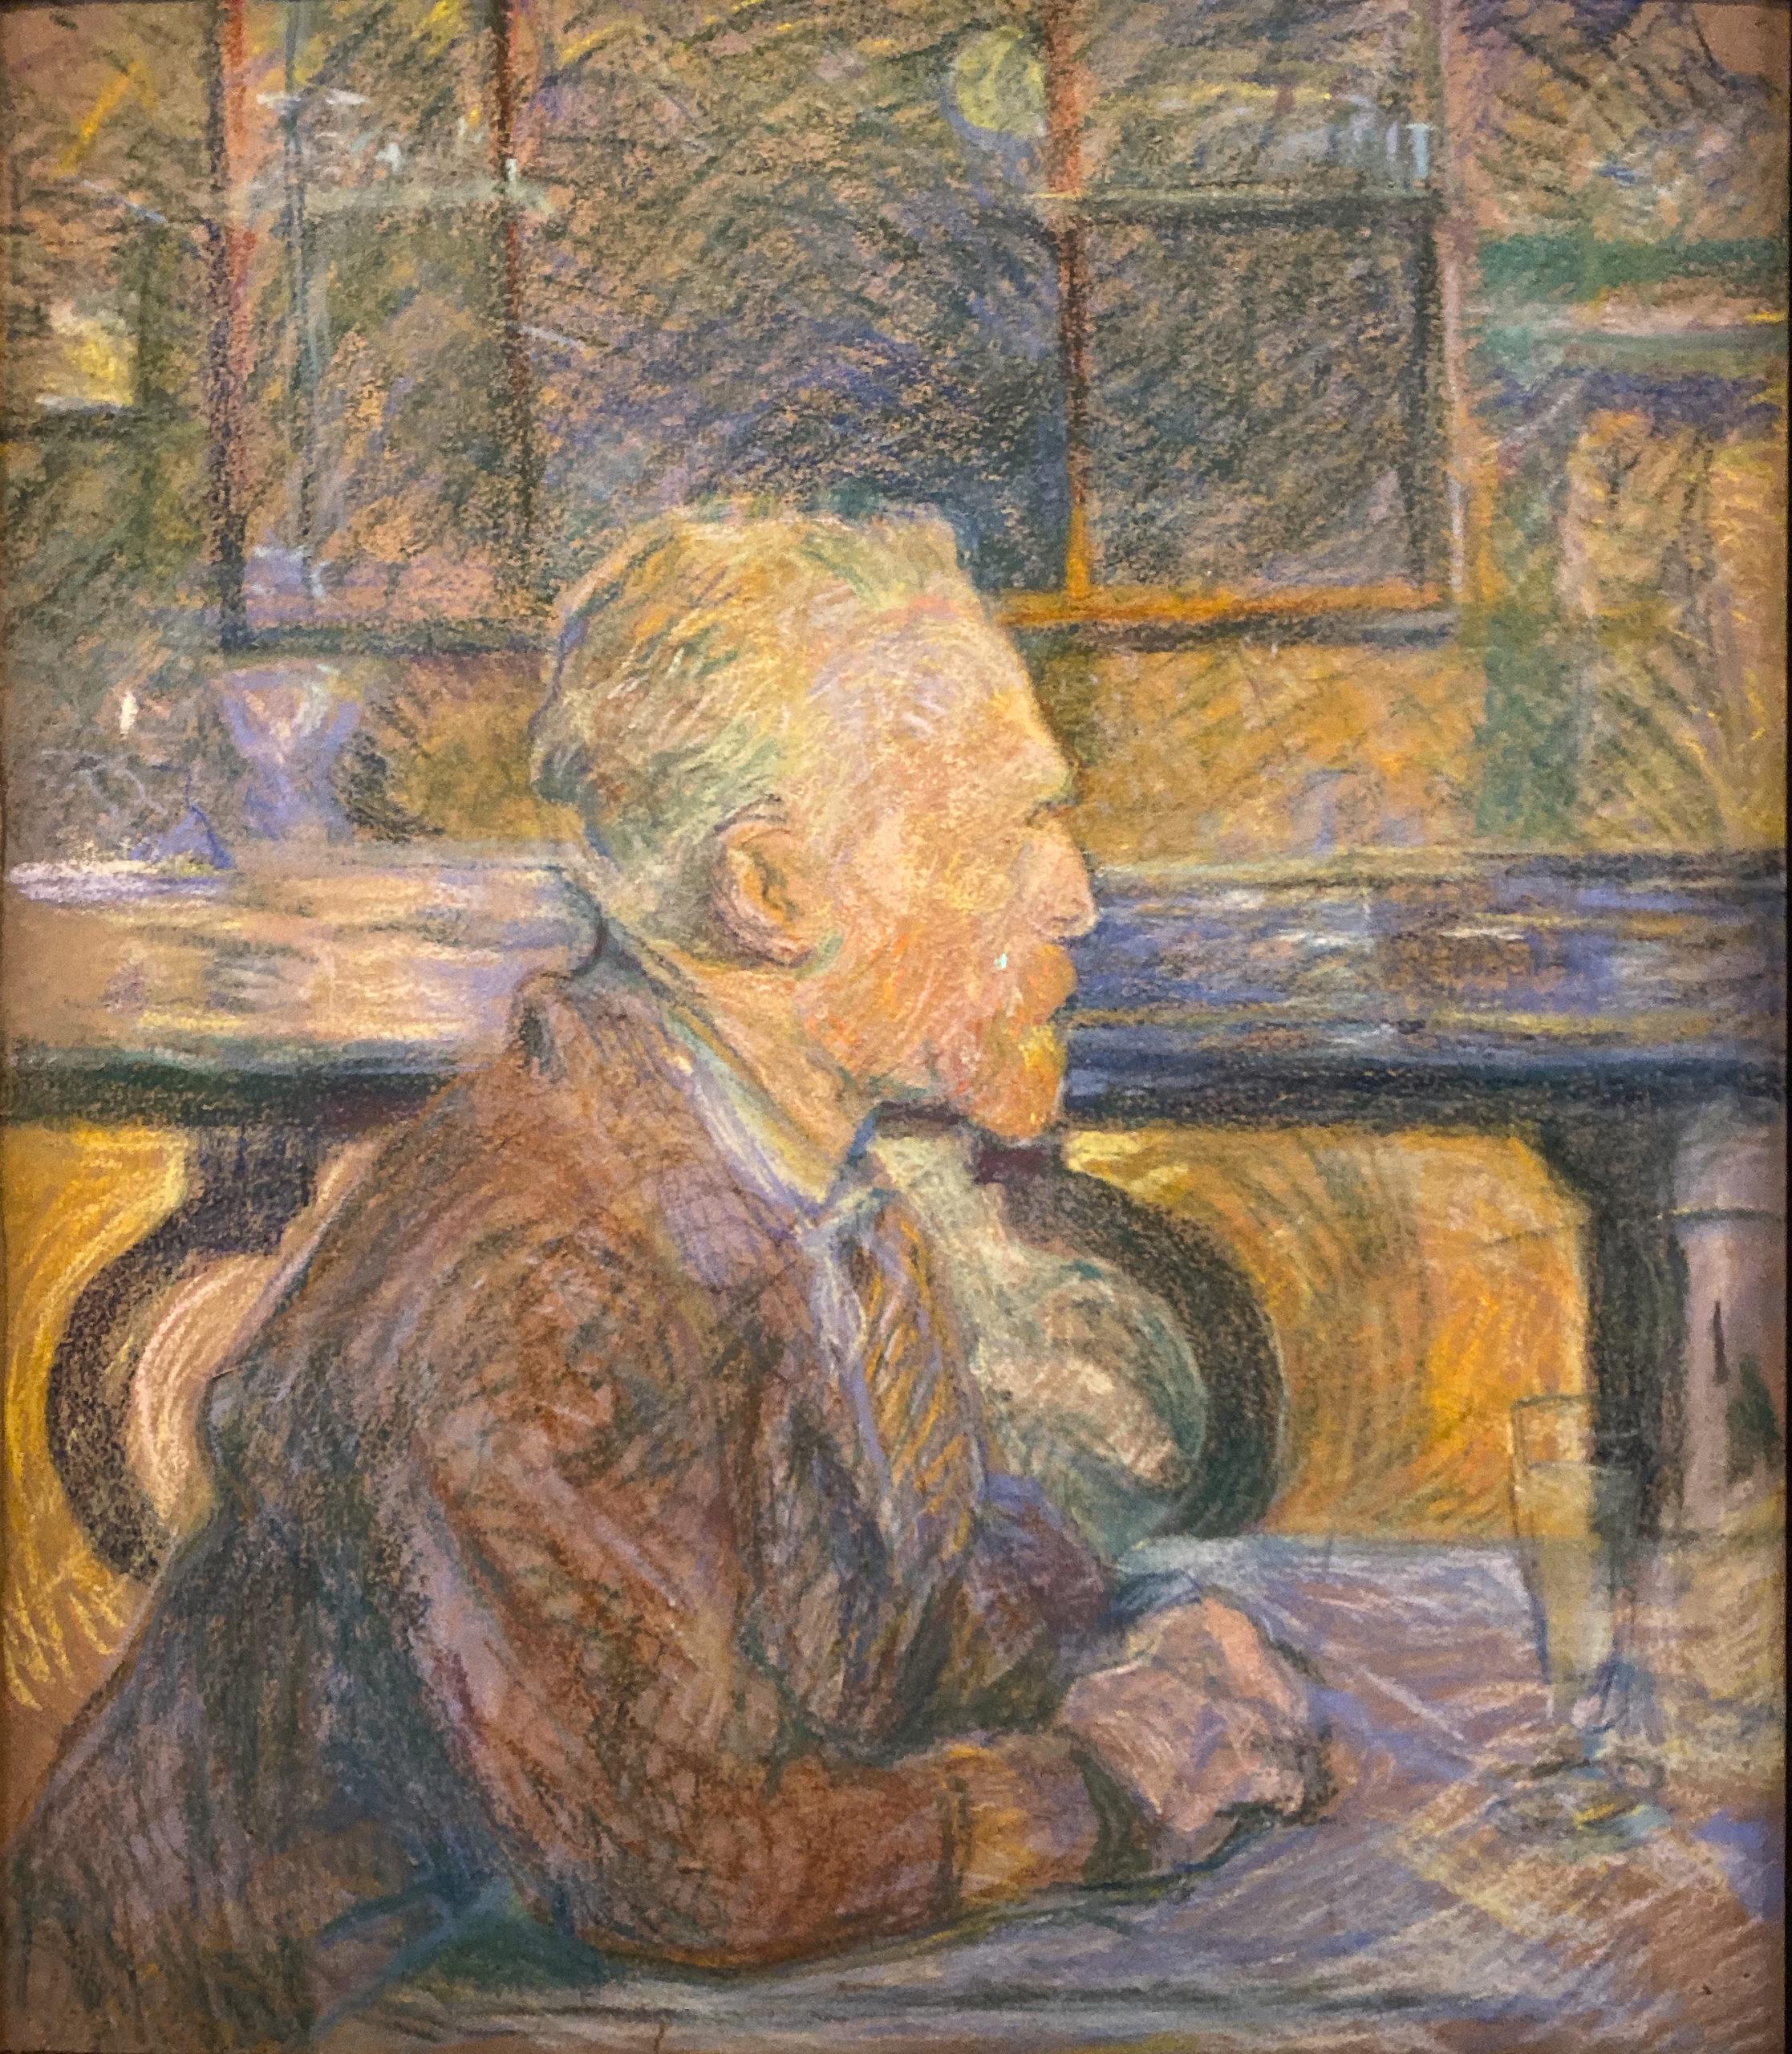 Toulouse-Lautrec im Grand Palais 2019/20 Van Gogh